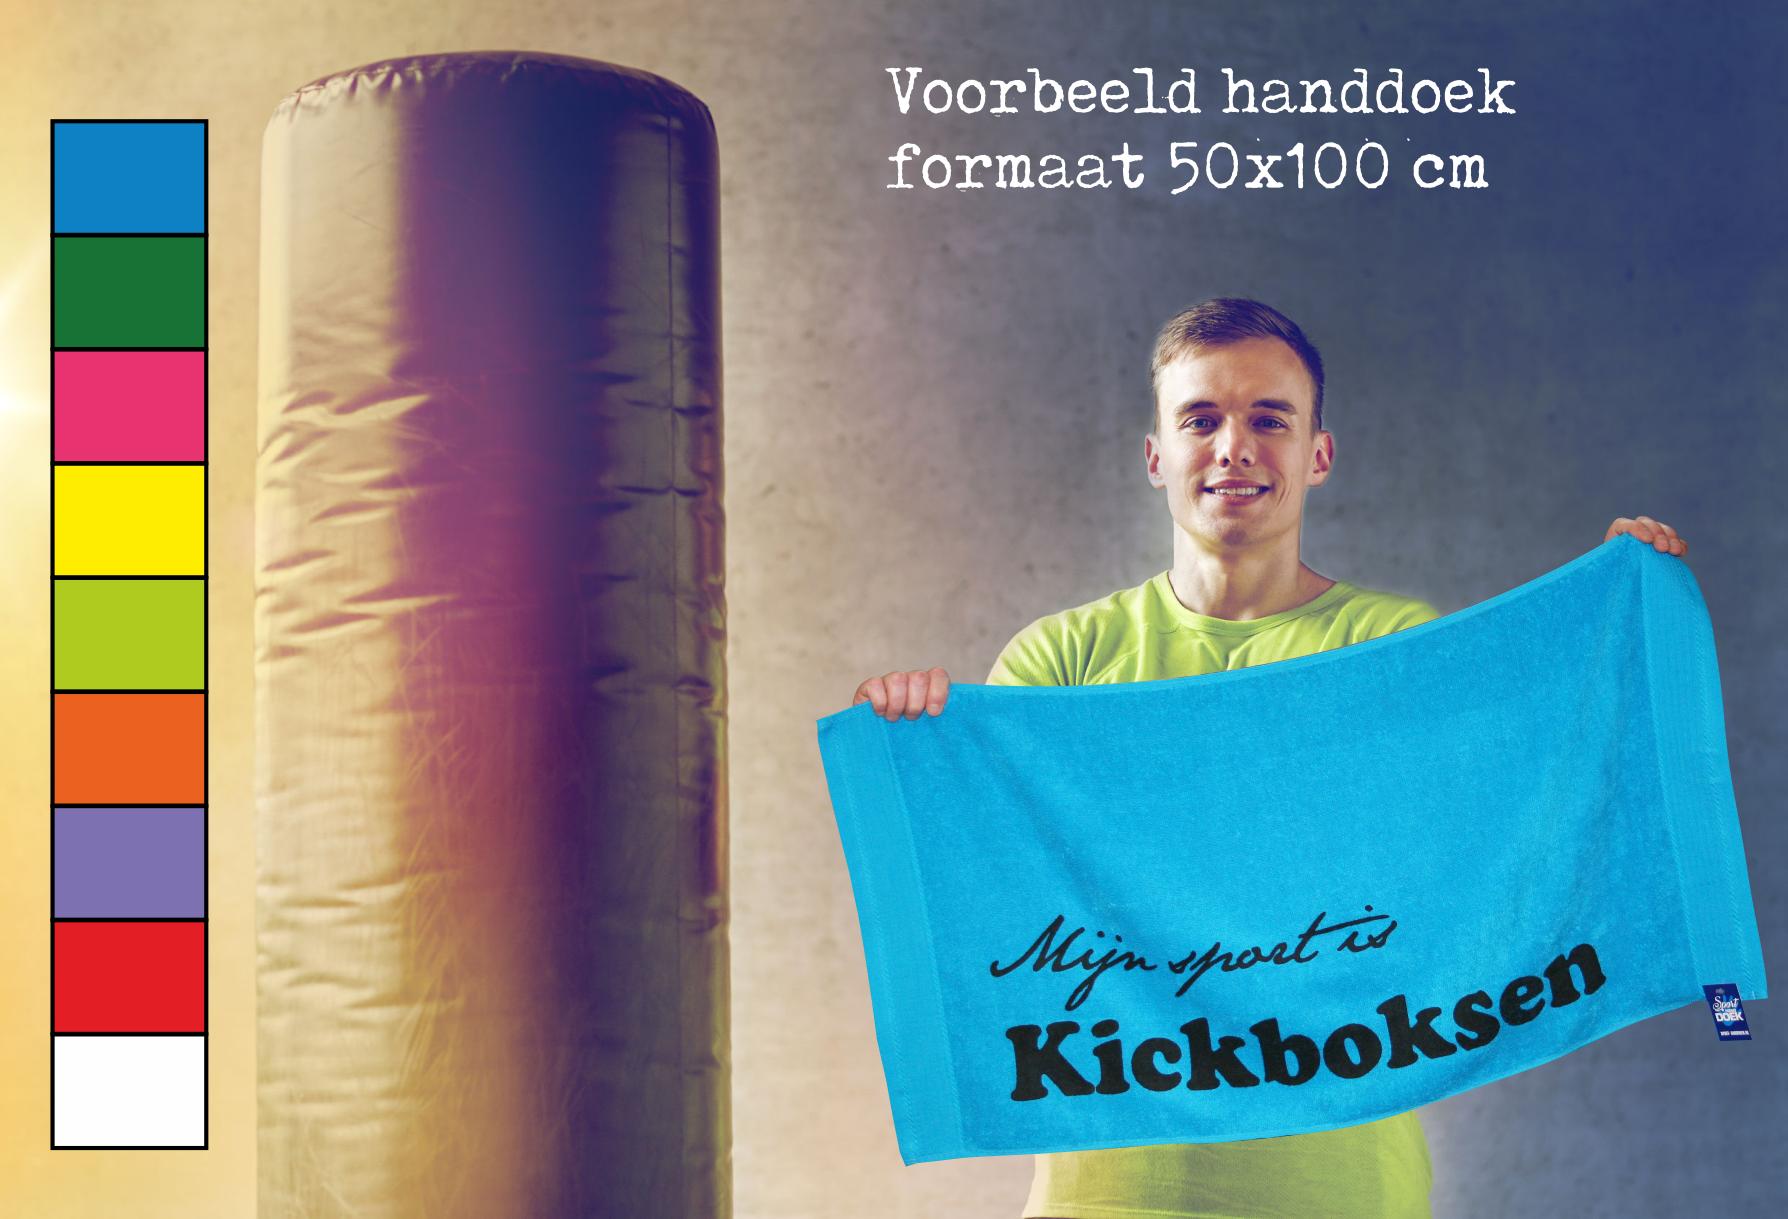 kickboksen sport handdoek